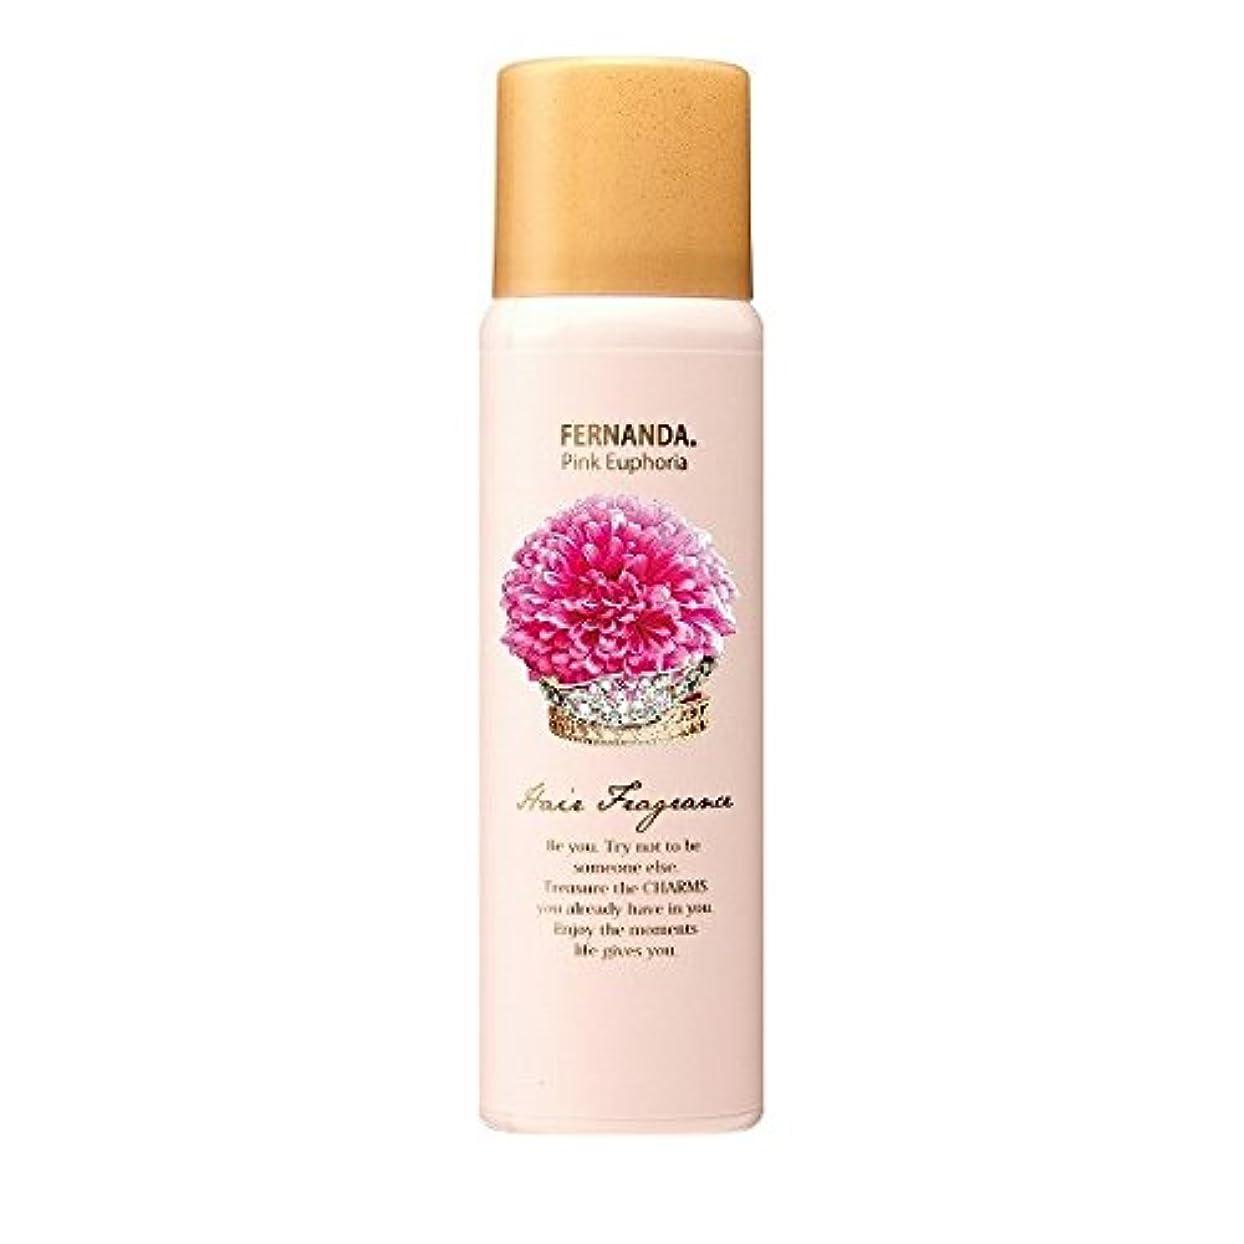 相互接続影響を受けやすいです祭りFERNANDA(フェルナンダ) Hair Fragrance Pink Euphoria (ヘアー フレグランス ピンクエウフォリア)